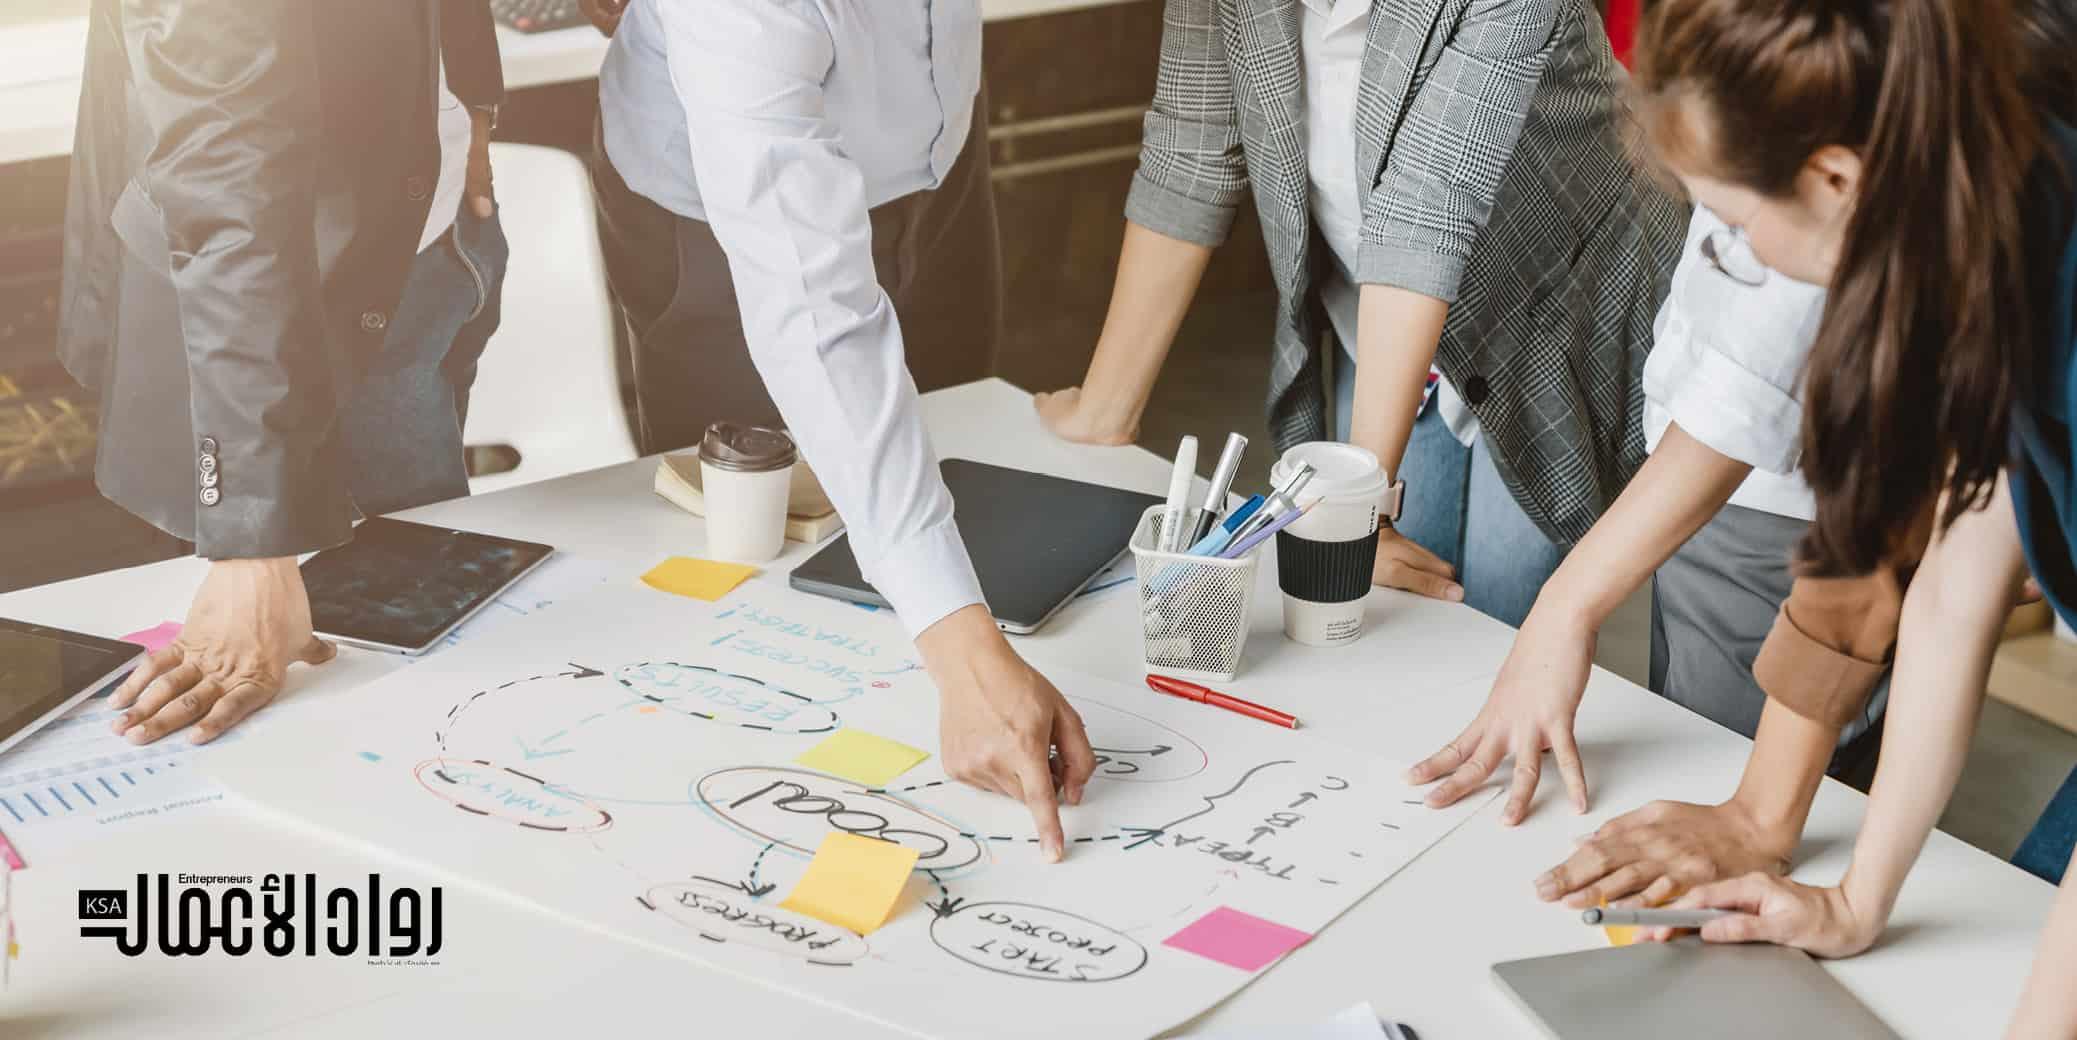 تنمية القدرات الإبداعية